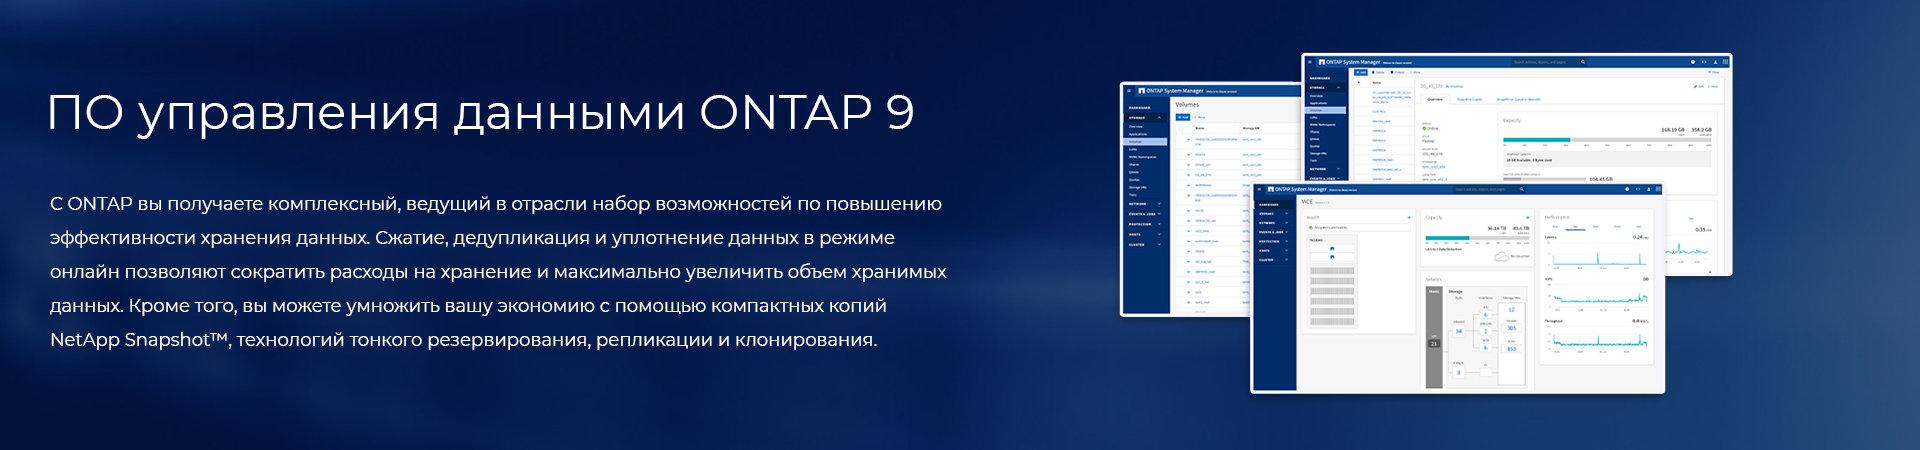 ПО-управления-данными-ONTAP